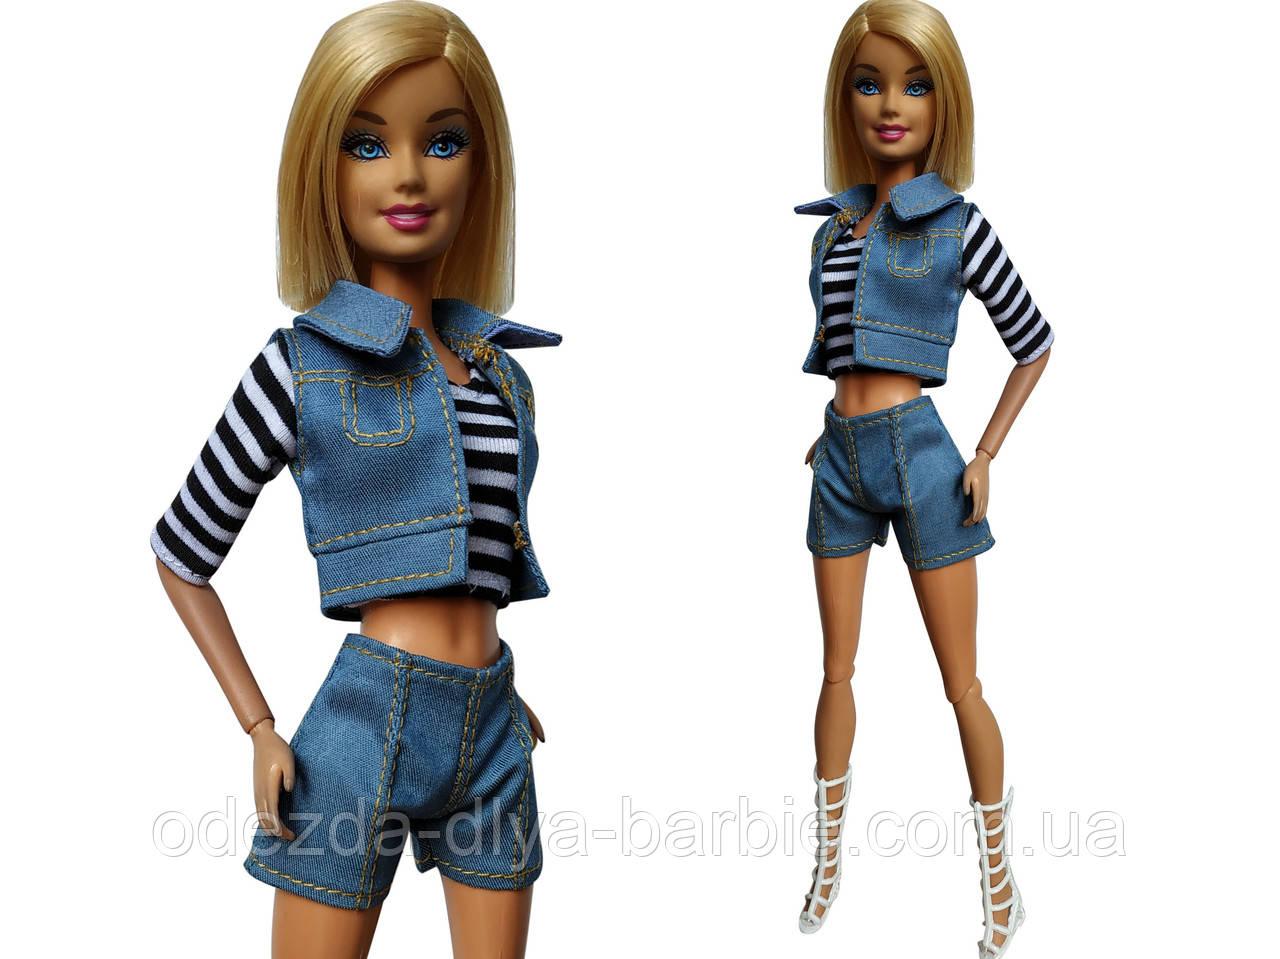 (Не для перепродажи!) Одежда для кукол Барби - курточка, шорты и майка